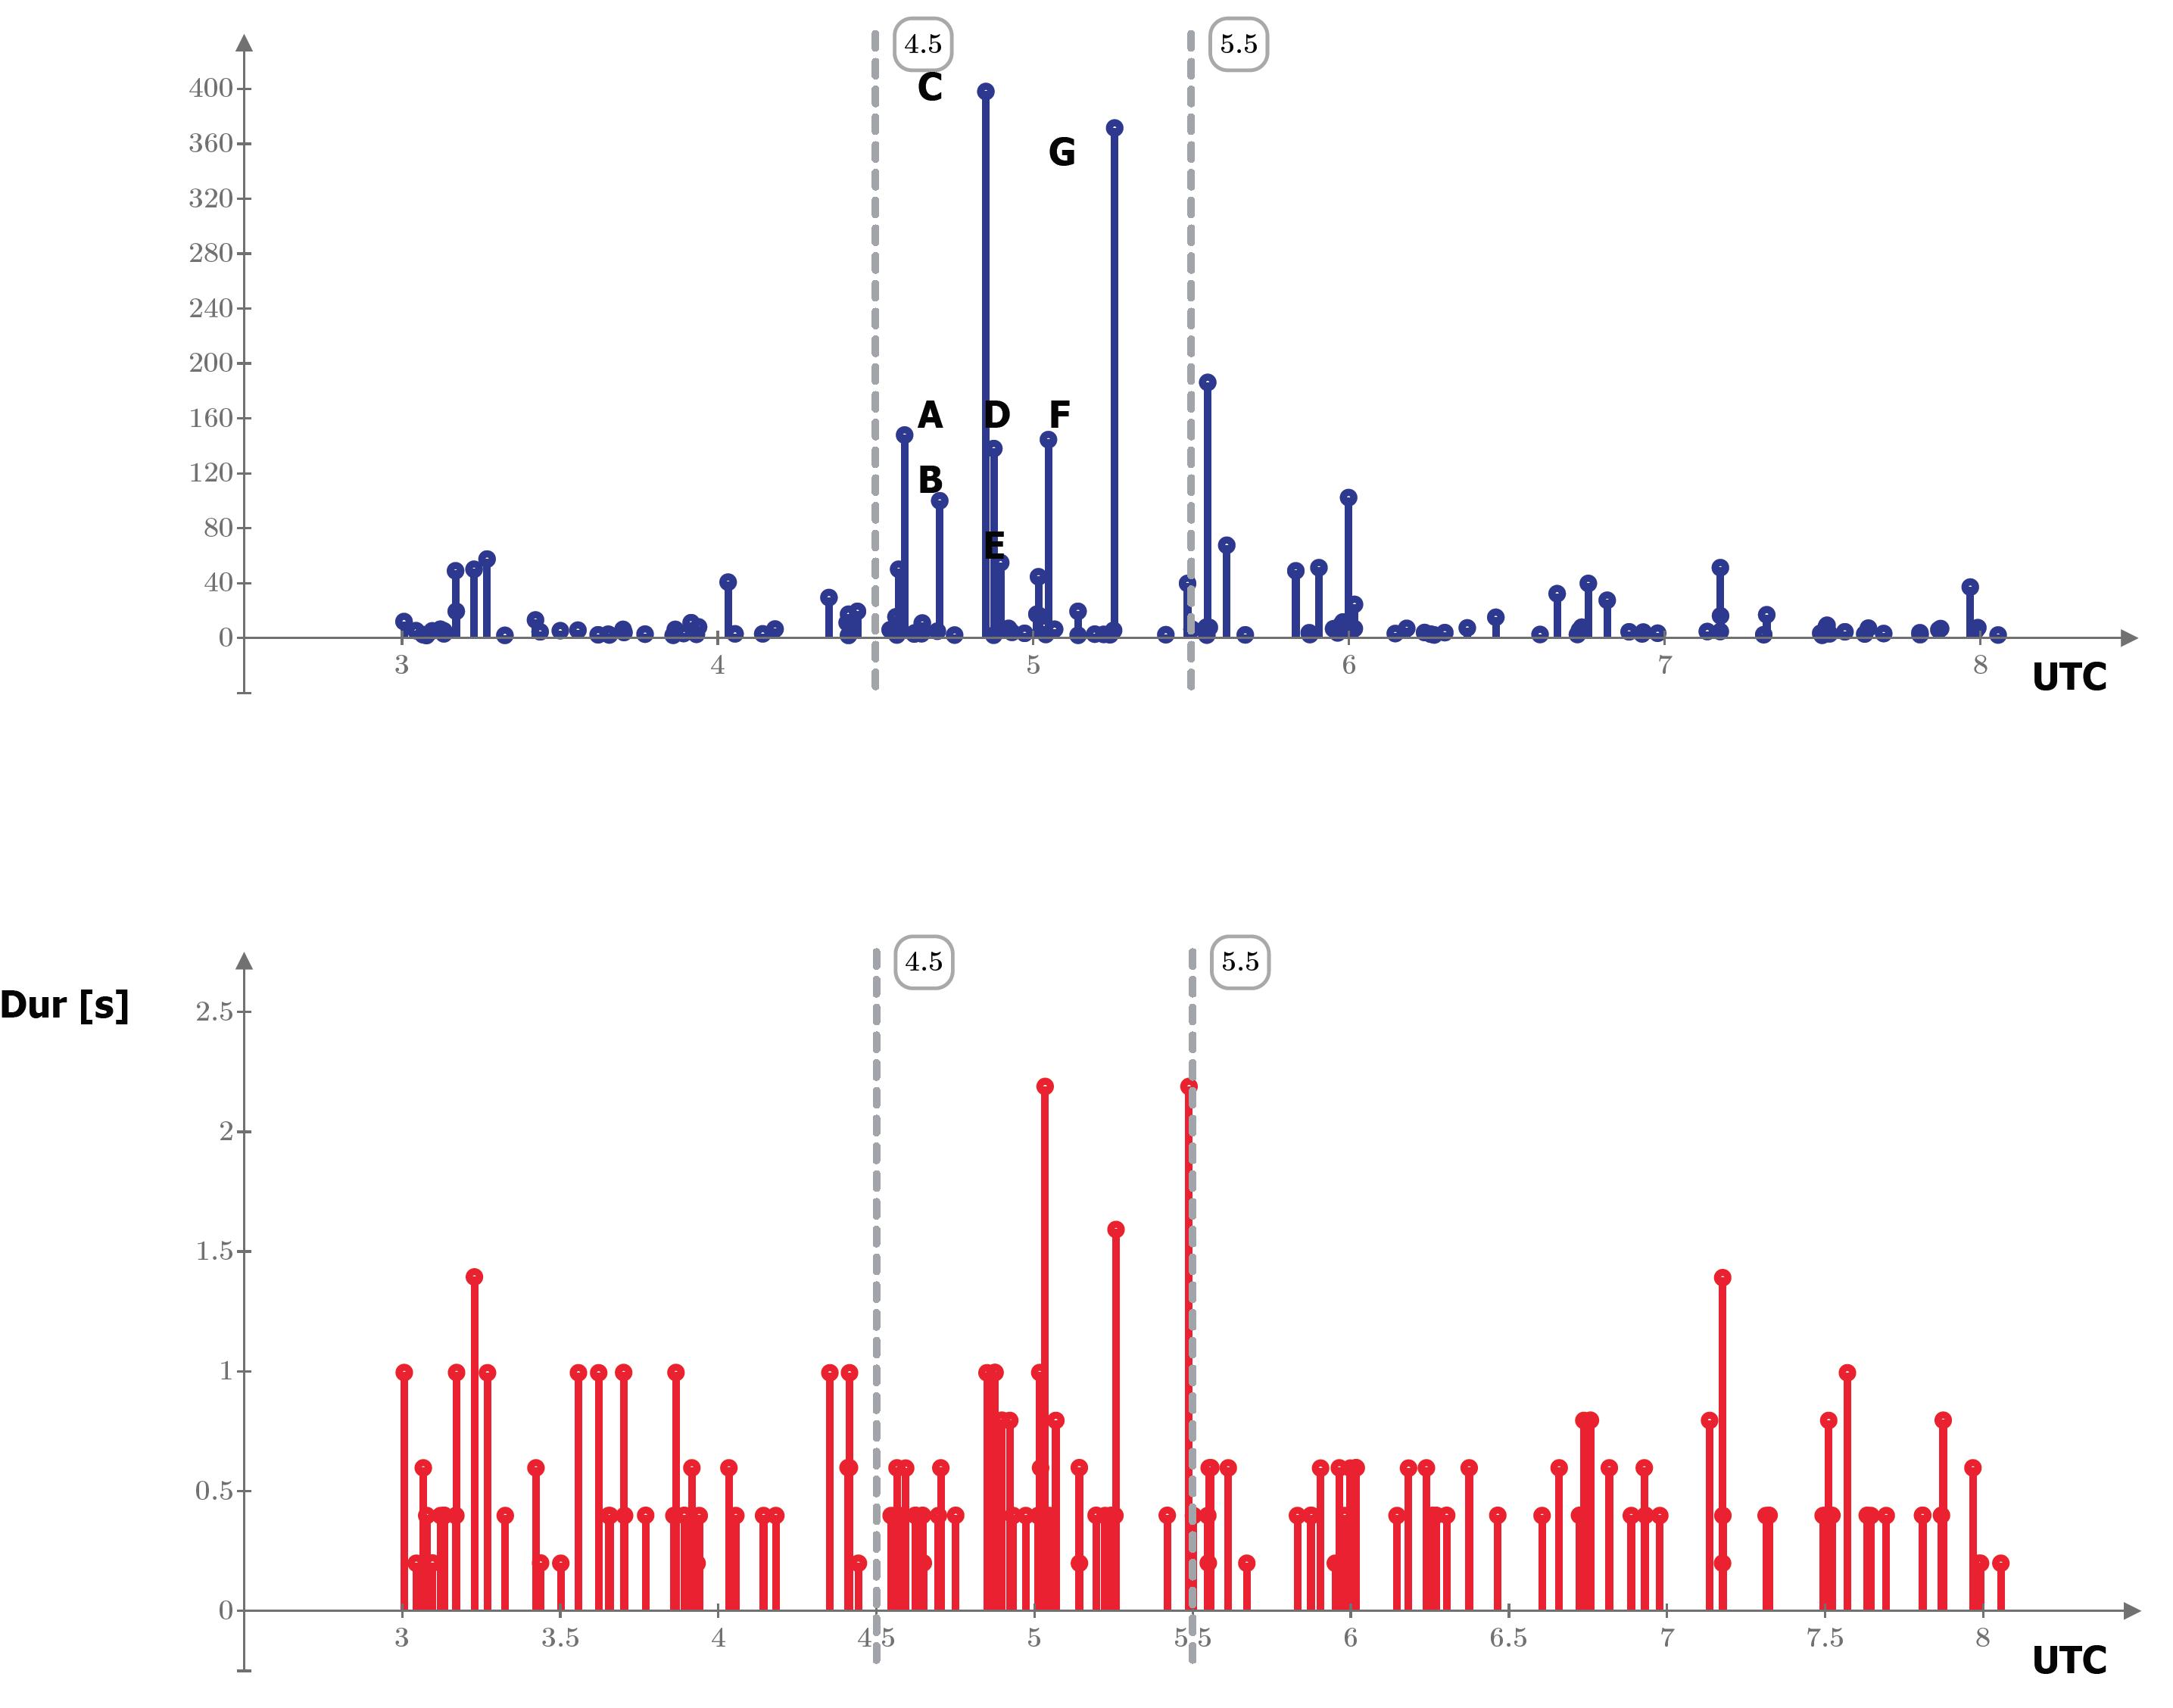 Intensità (potenza associata all'impulso, traccia blu) e durata (proporzionale alla massa dei detriti penetrati in atmosfera, traccia rossa) dei radio-echi meteorici registrati dalle 03:00 alle 08:00 UTC del 22 Novembre 2019. Le etichette delle intensità individuano gli eventi significativi catturati negli spettrogrammi.